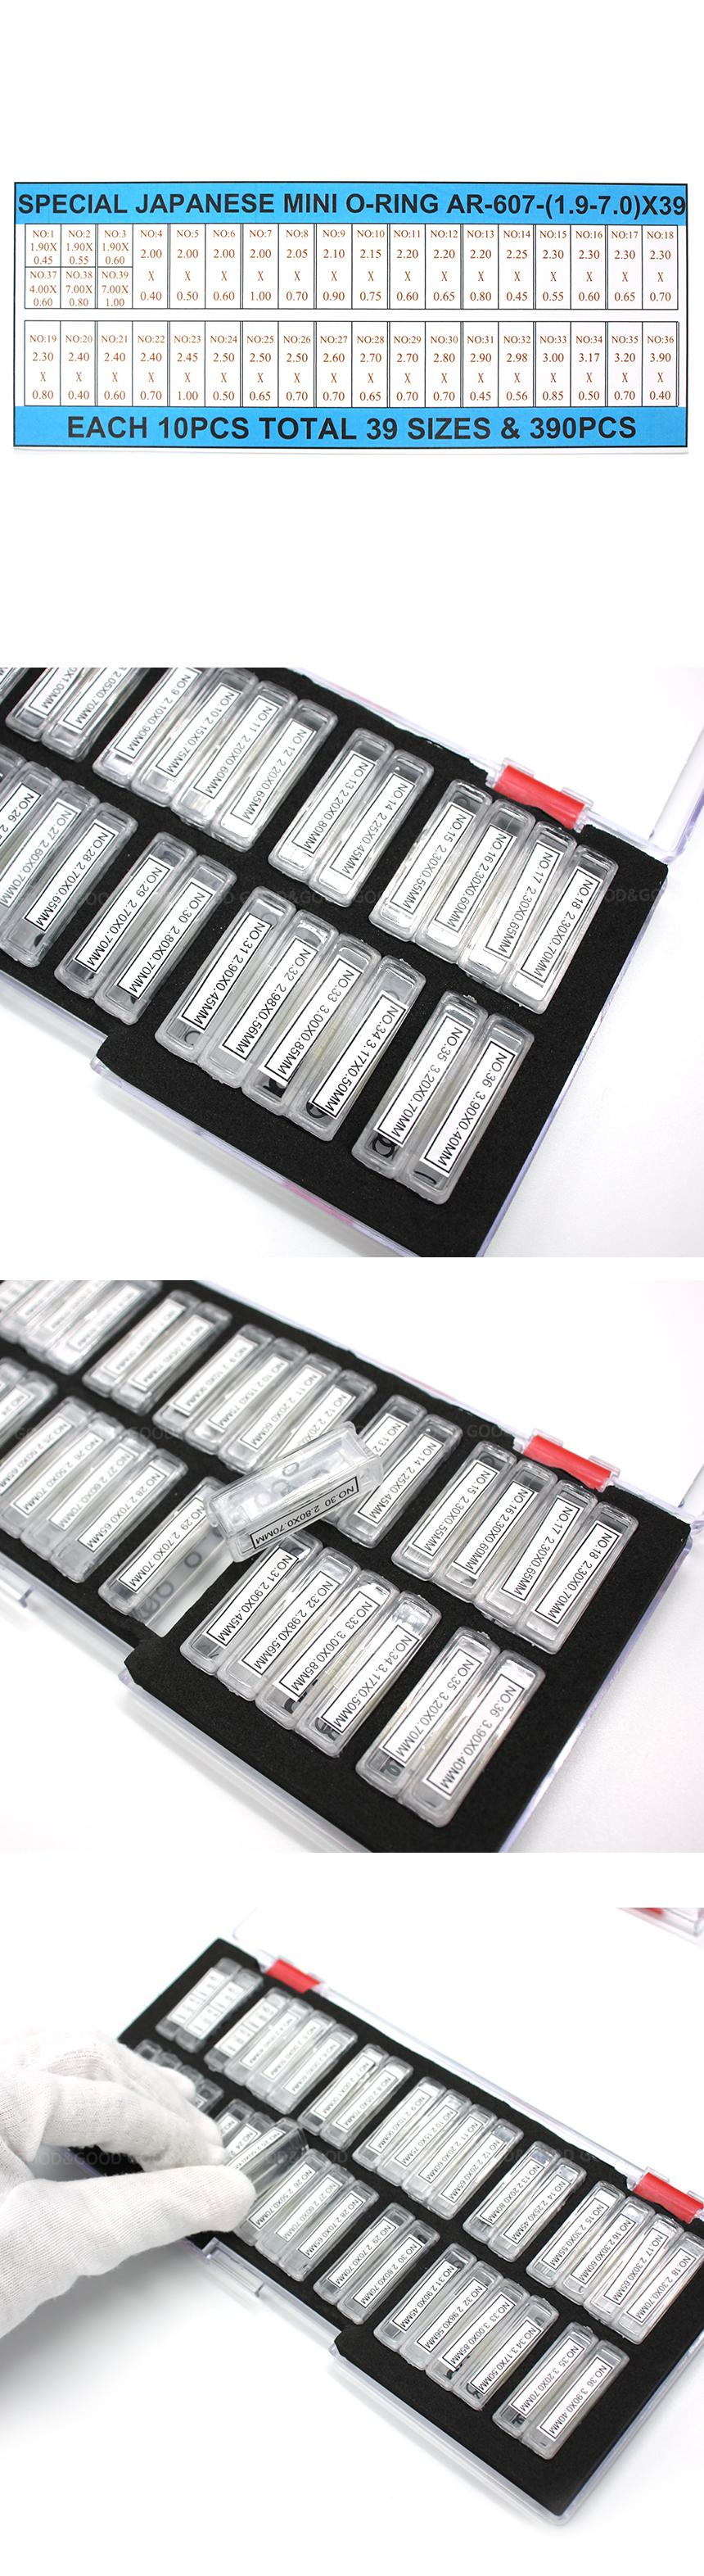 패키지 내부에 작은 상자가 있고 각 10개 씩 들어 있습니다.